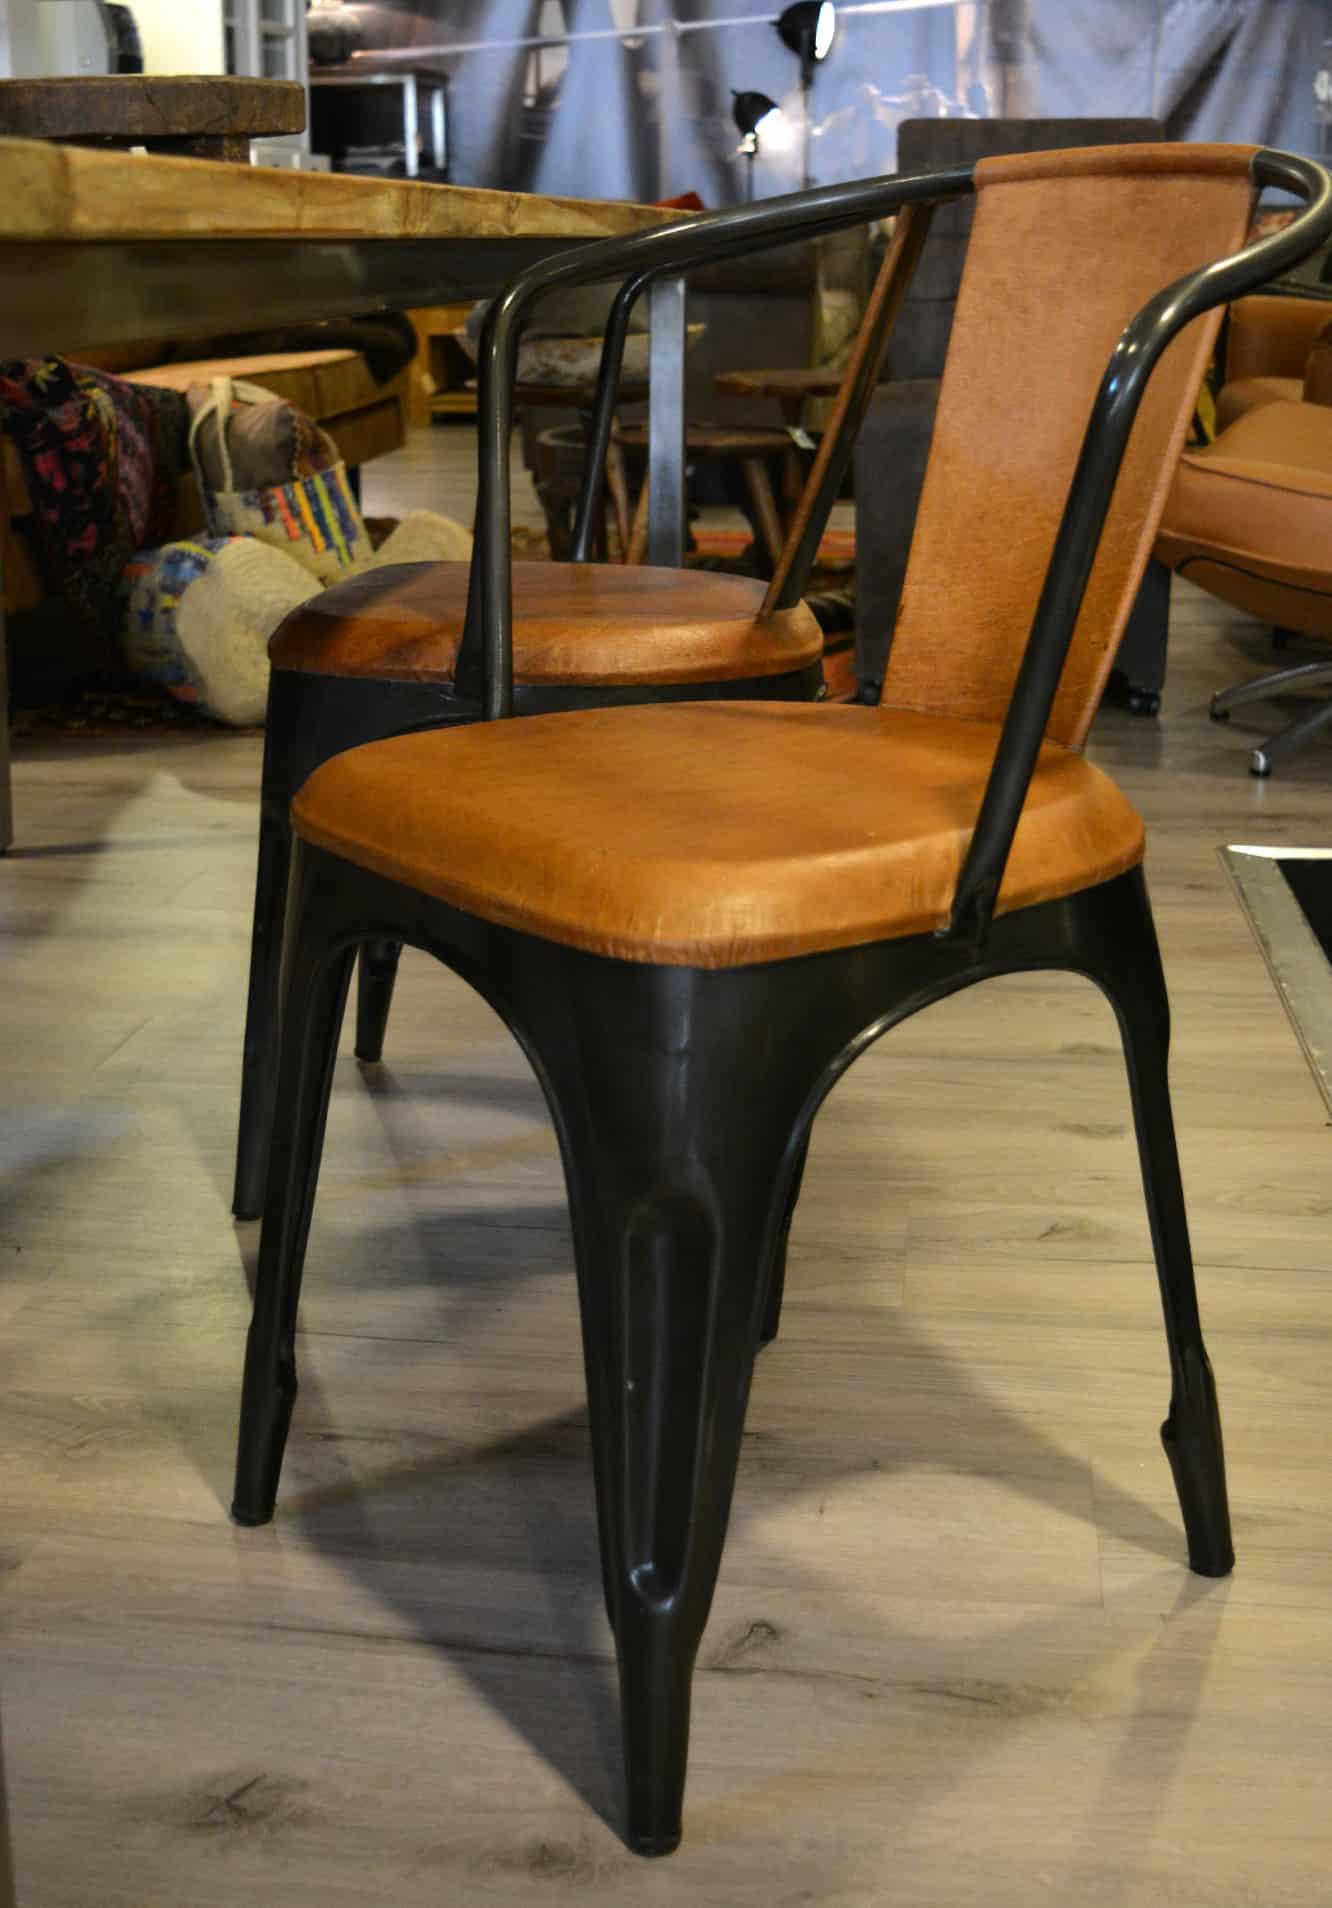 industri le stoel met vintage uitstraling pure wood